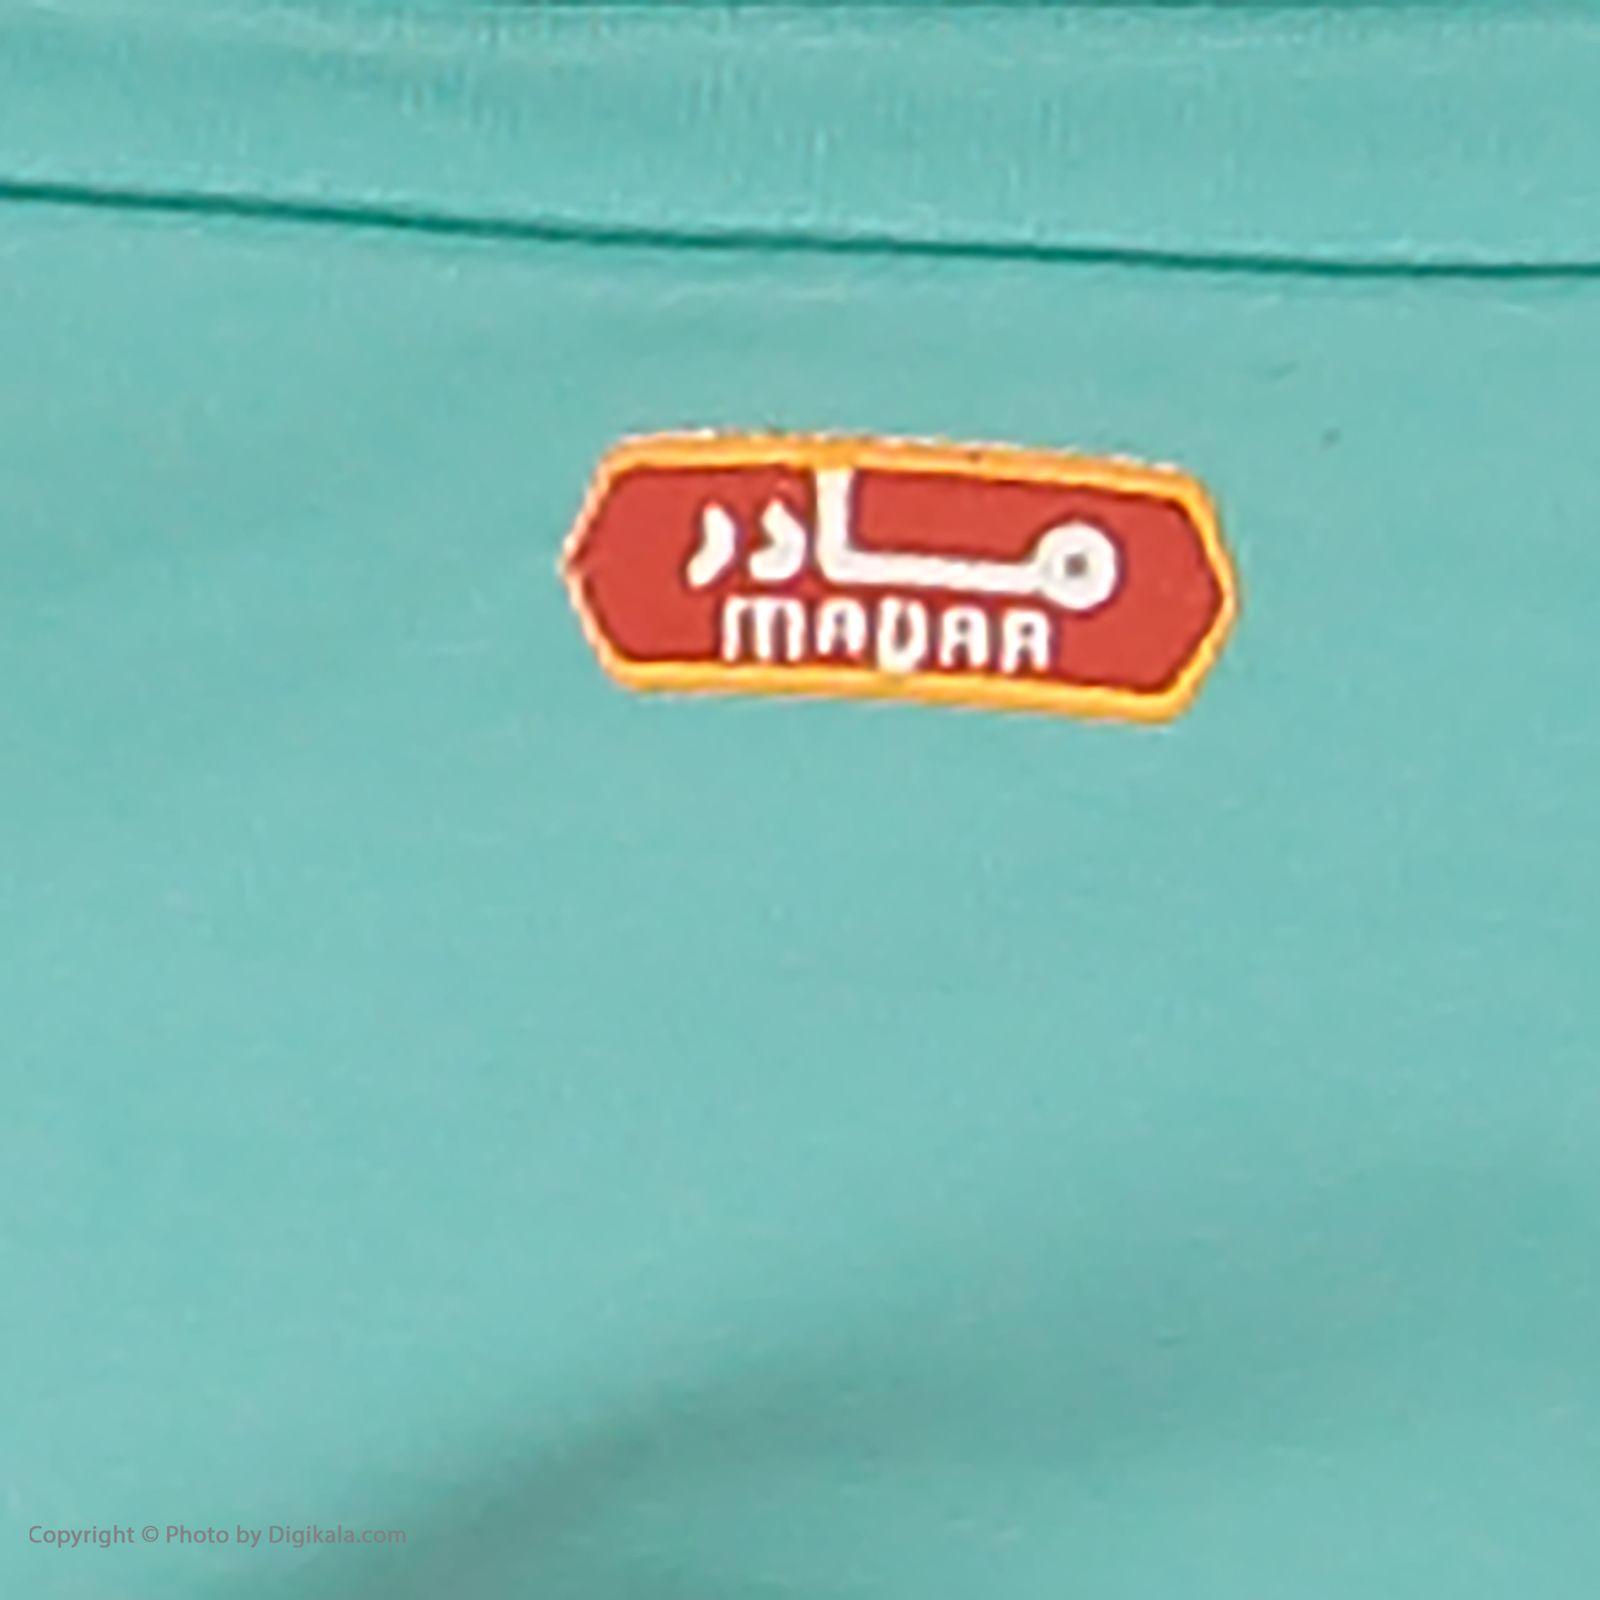 ست تی شرت و شلوار دخترانه مادر مدل 301-54 main 1 5